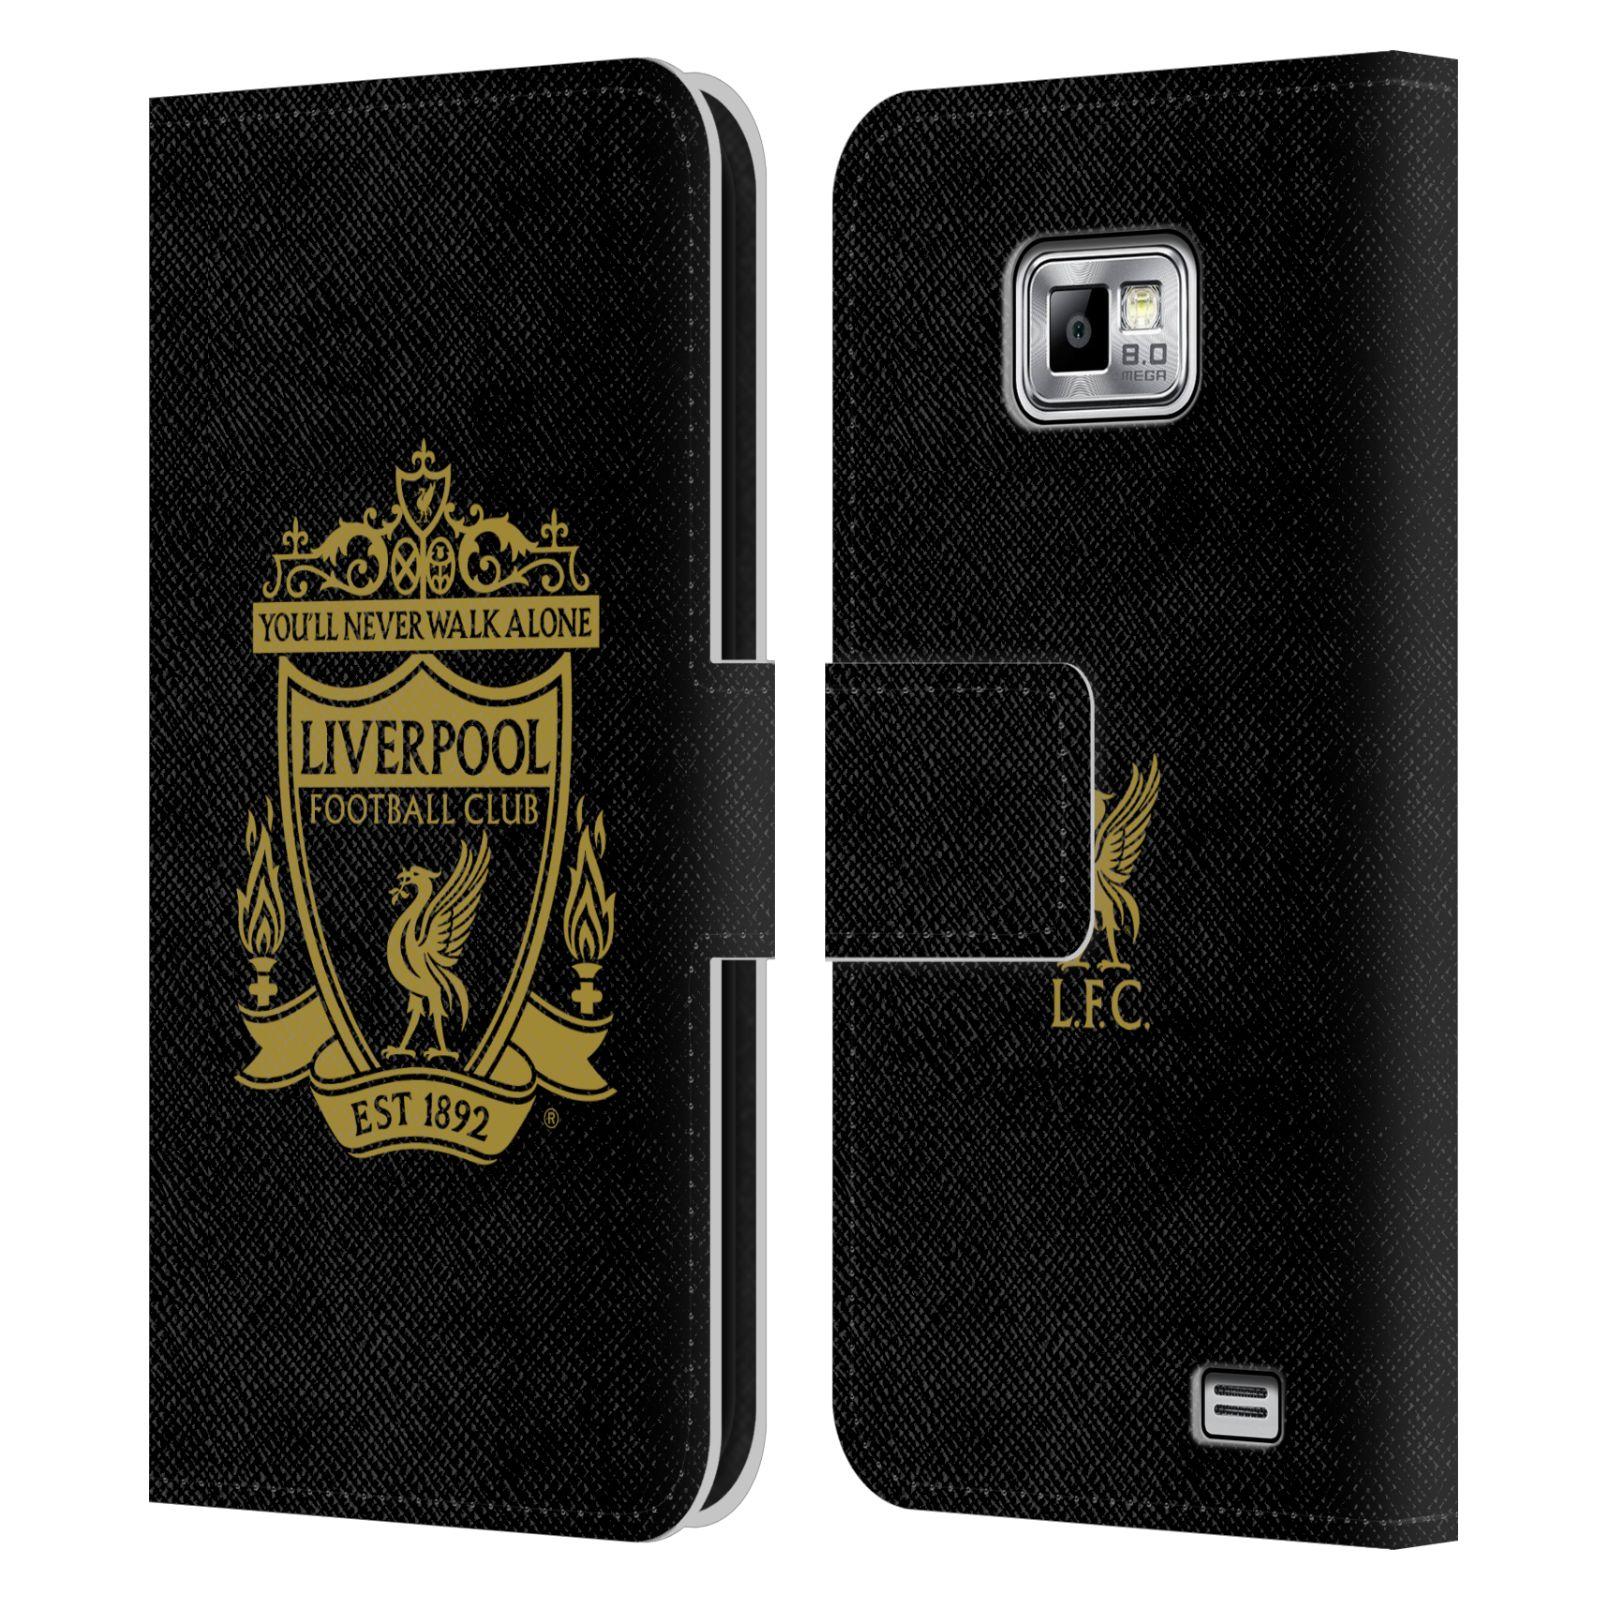 HEAD CASE Flipové pouzdro pro mobil Samsung Galaxy S2 i9100 LIVERPOOL FC OFICIÁLNÍ ZNAK zlatý znak na černé